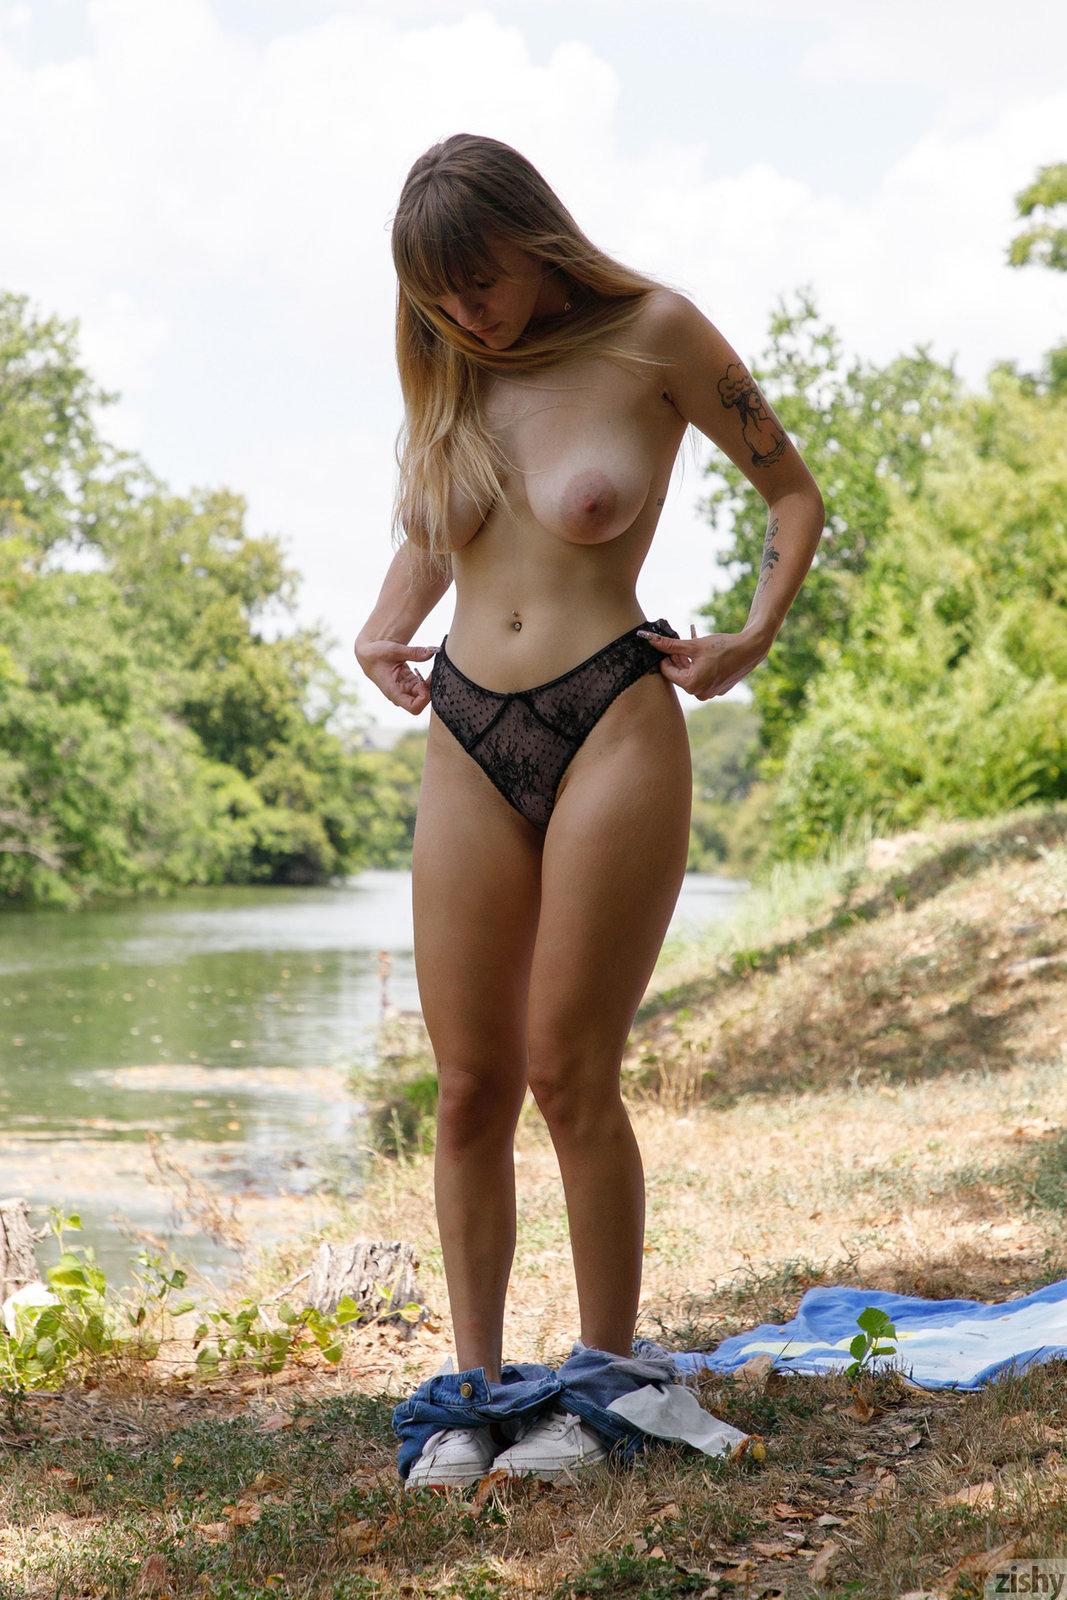 Zdjęcie porno - angel youngs zishy pics 11 - Naturalna łania